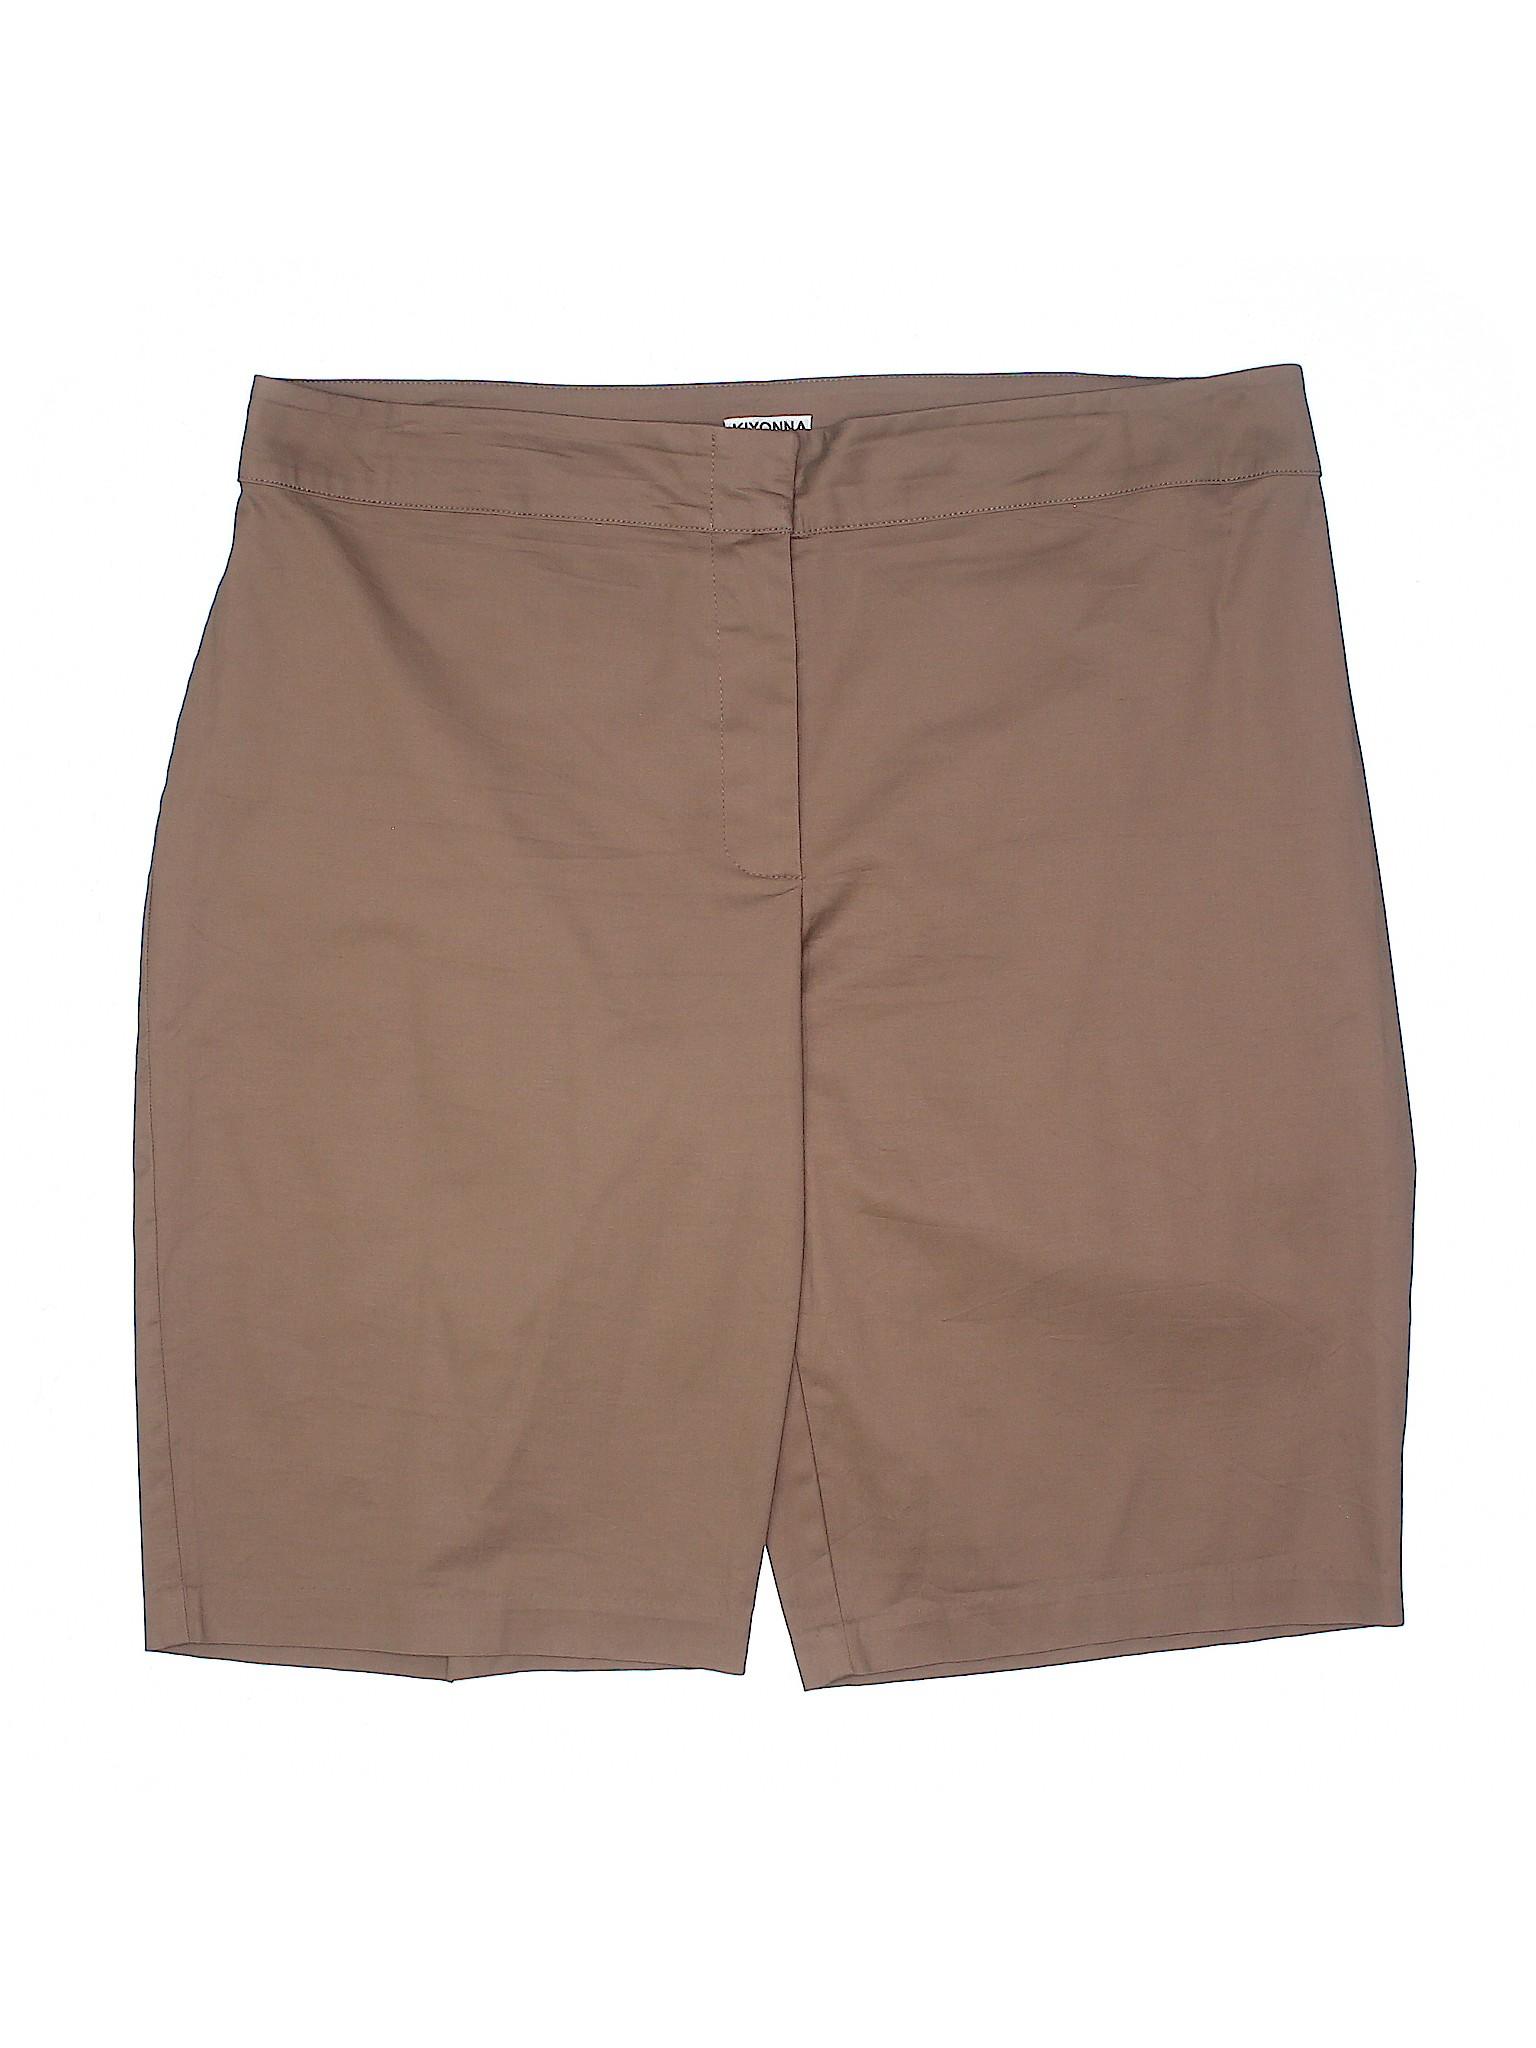 winter Kiyonna winter Kiyonna Boutique Boutique Shorts Khaki Khaki qAP5XT